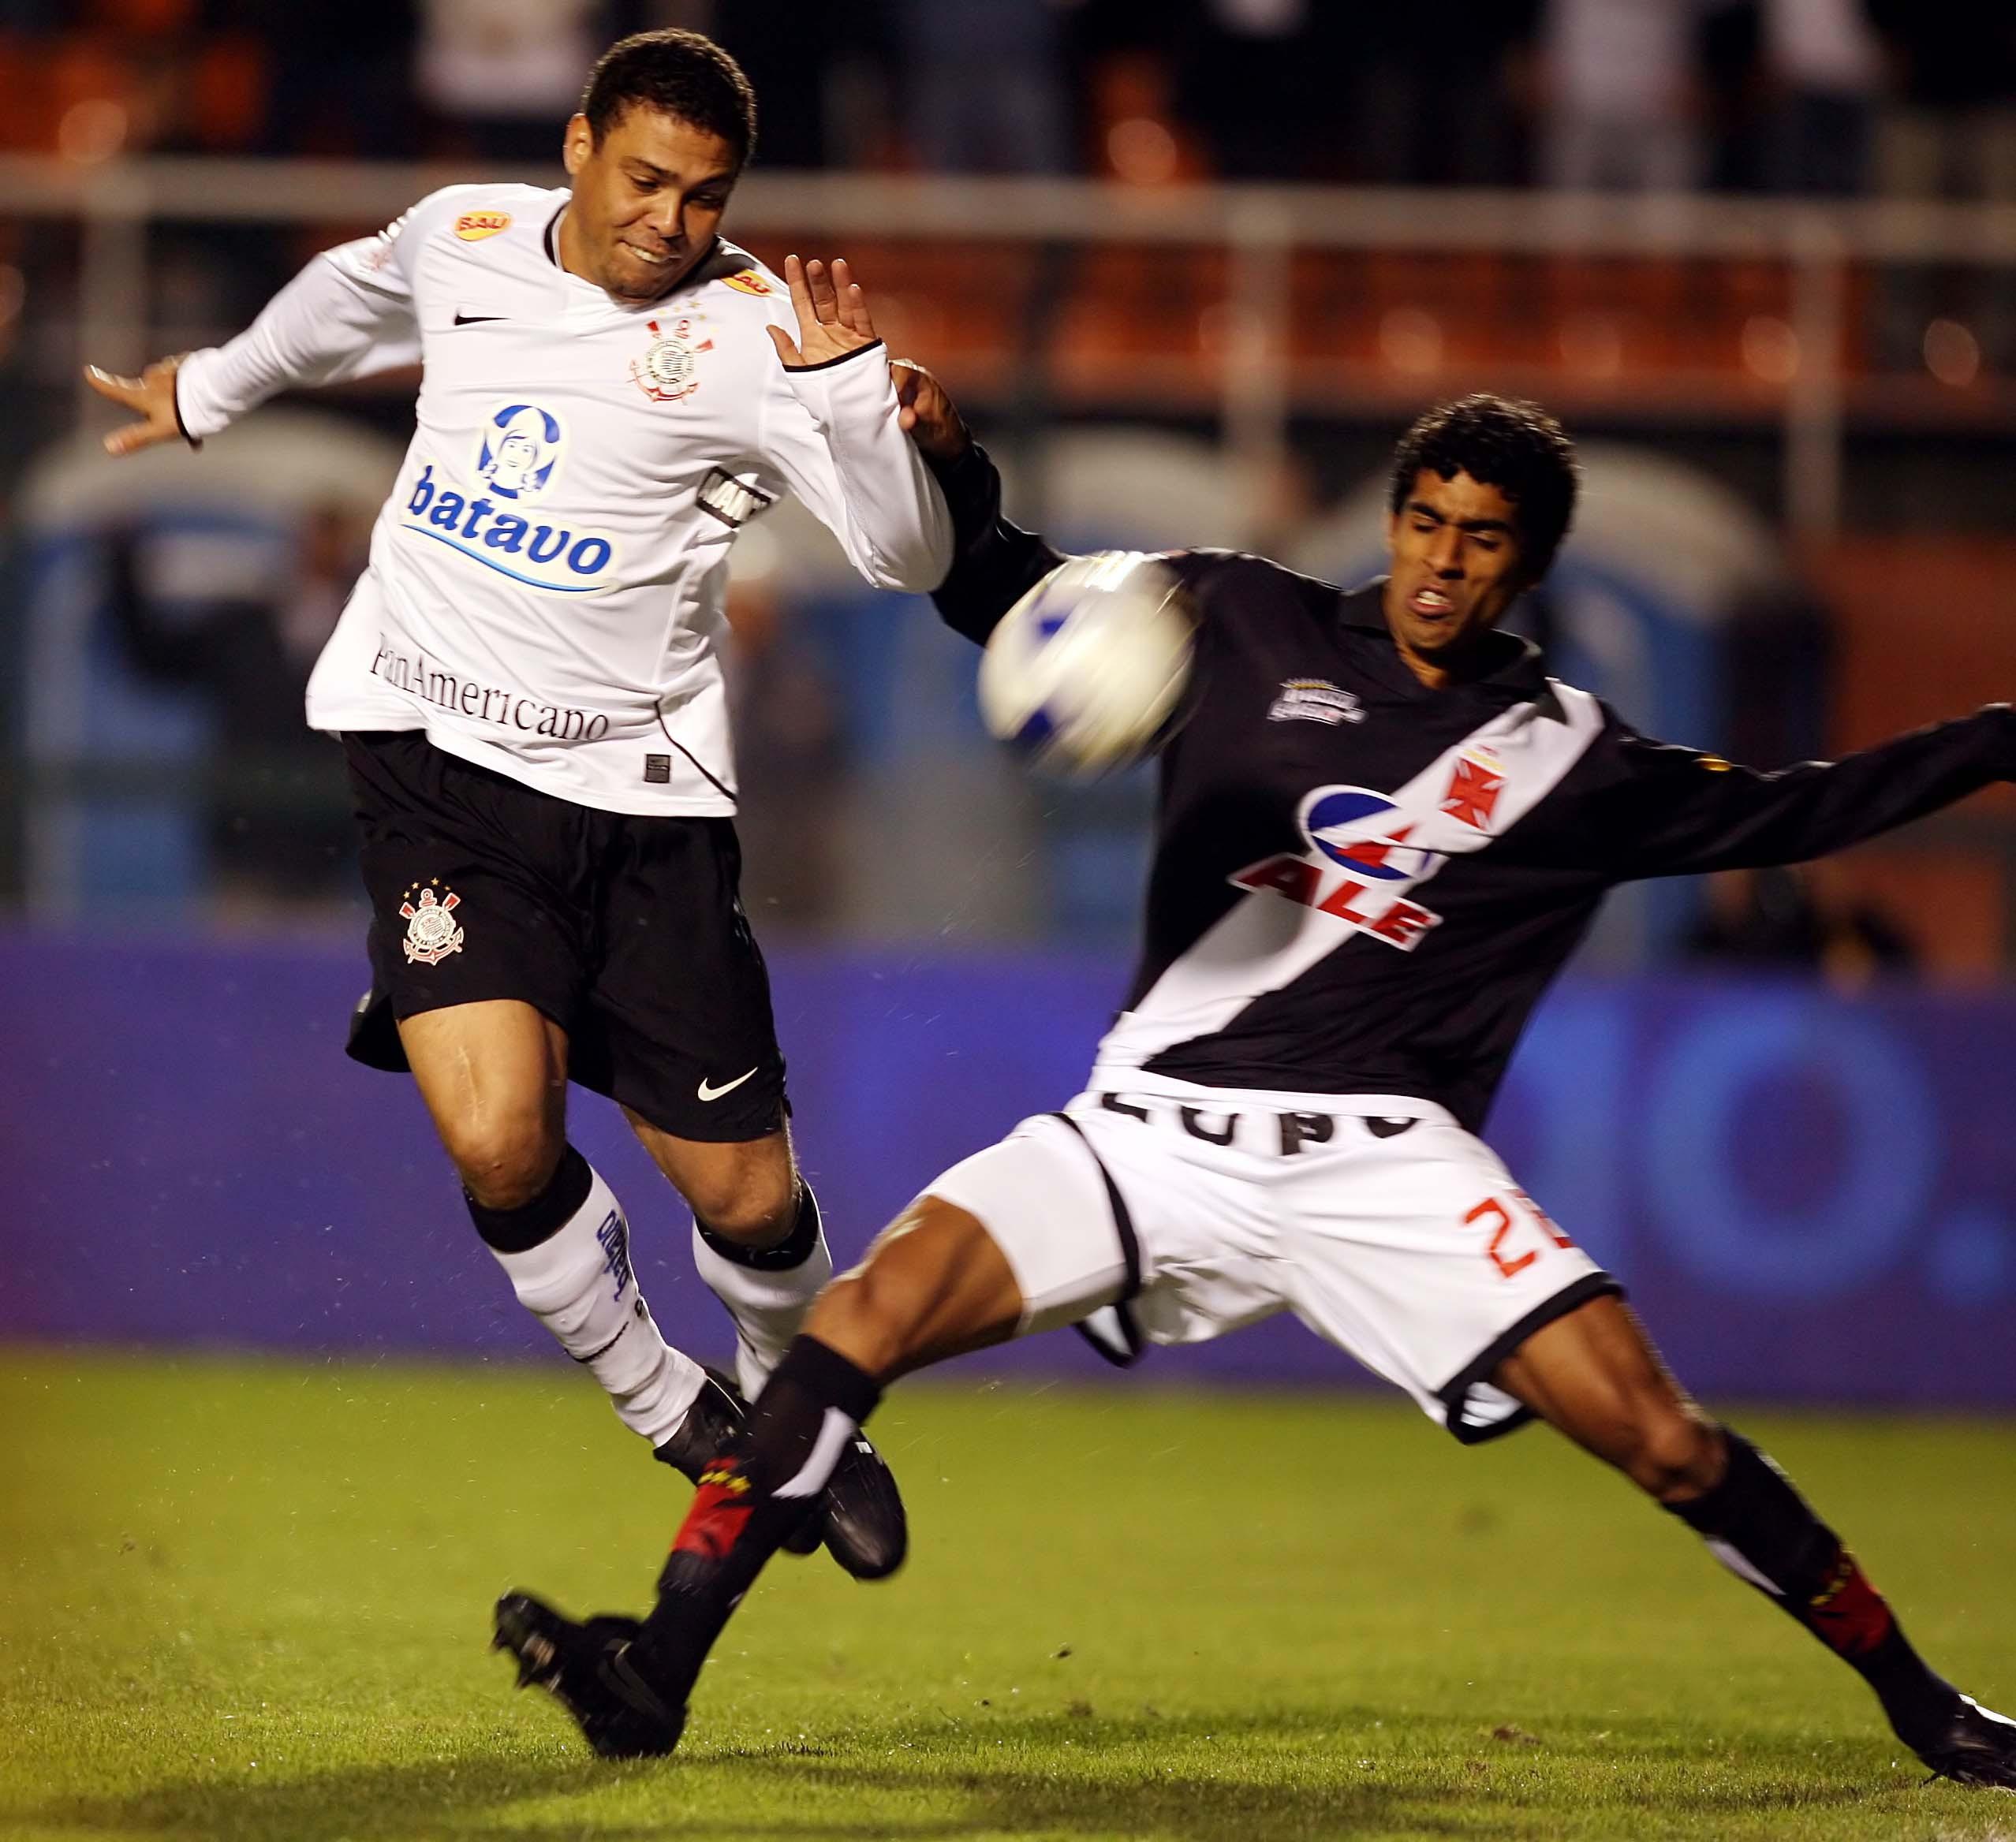 Relembre fotos do jogo que colocou o Corinthians na final da Copa do Brasil de 2009